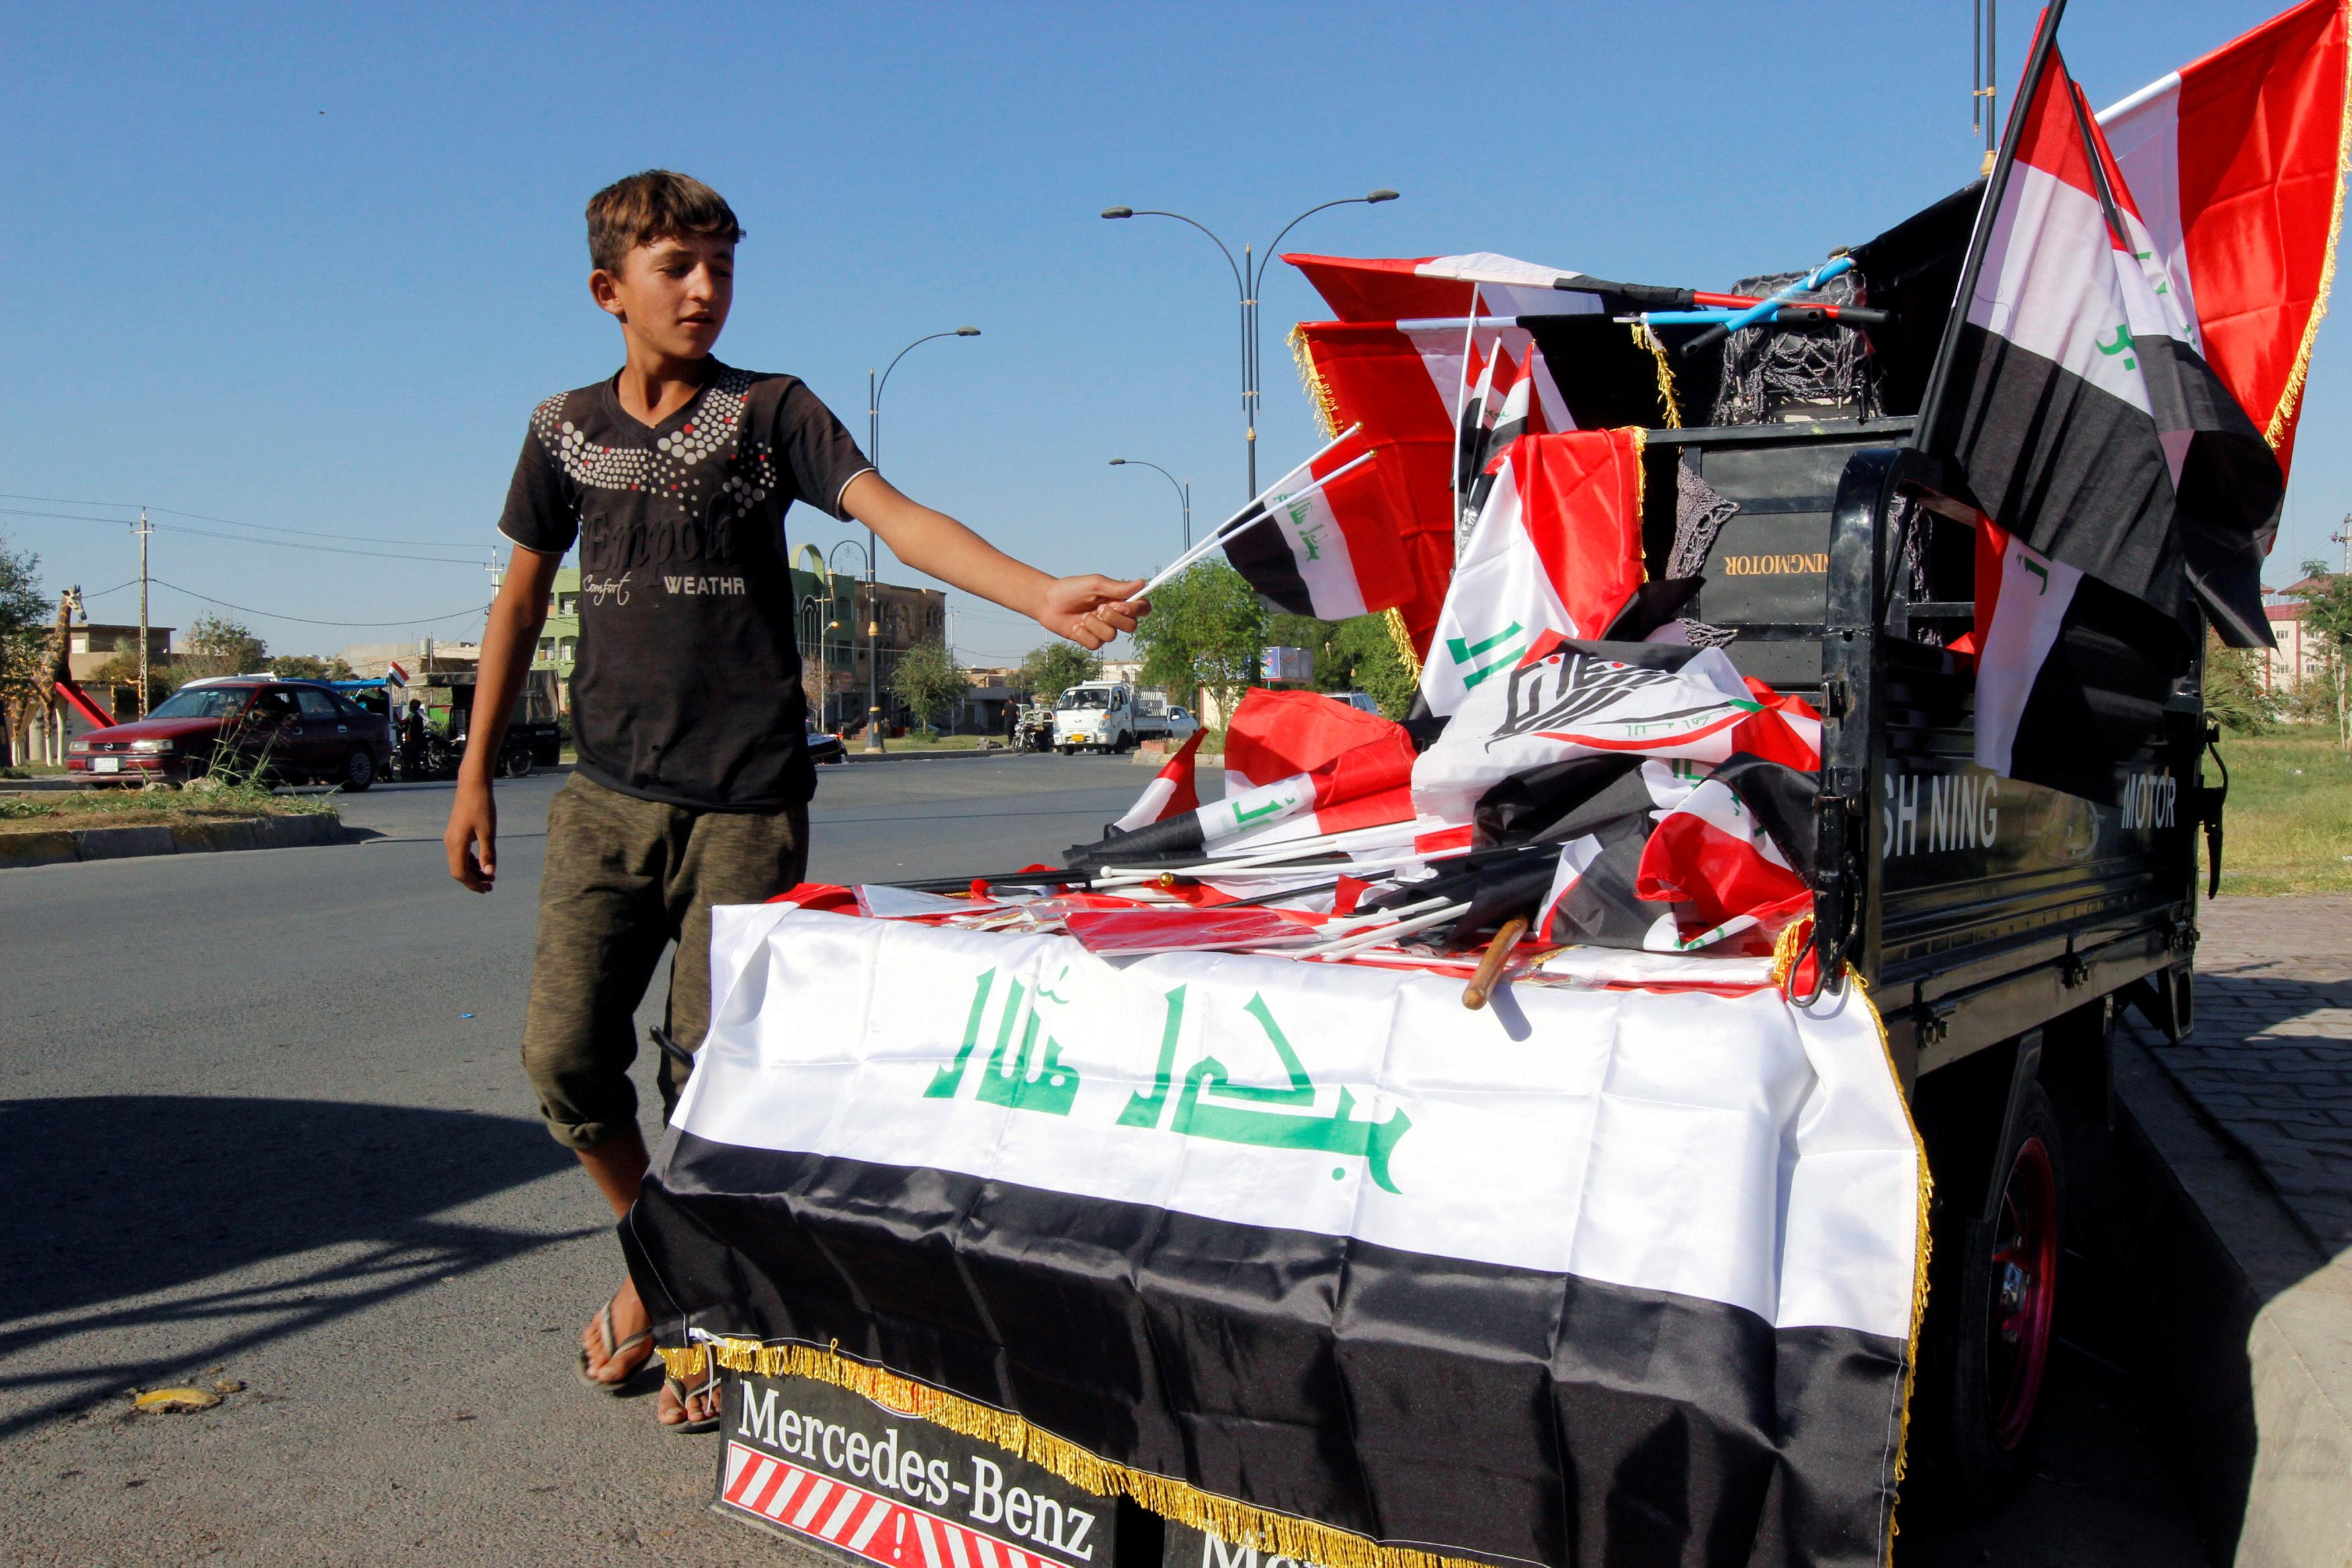 A boy sells Iraqi flags on a street in Kirkuk, Iraq October 19, 2017. REUTERS/Ako Rasheed - RC13D638D300